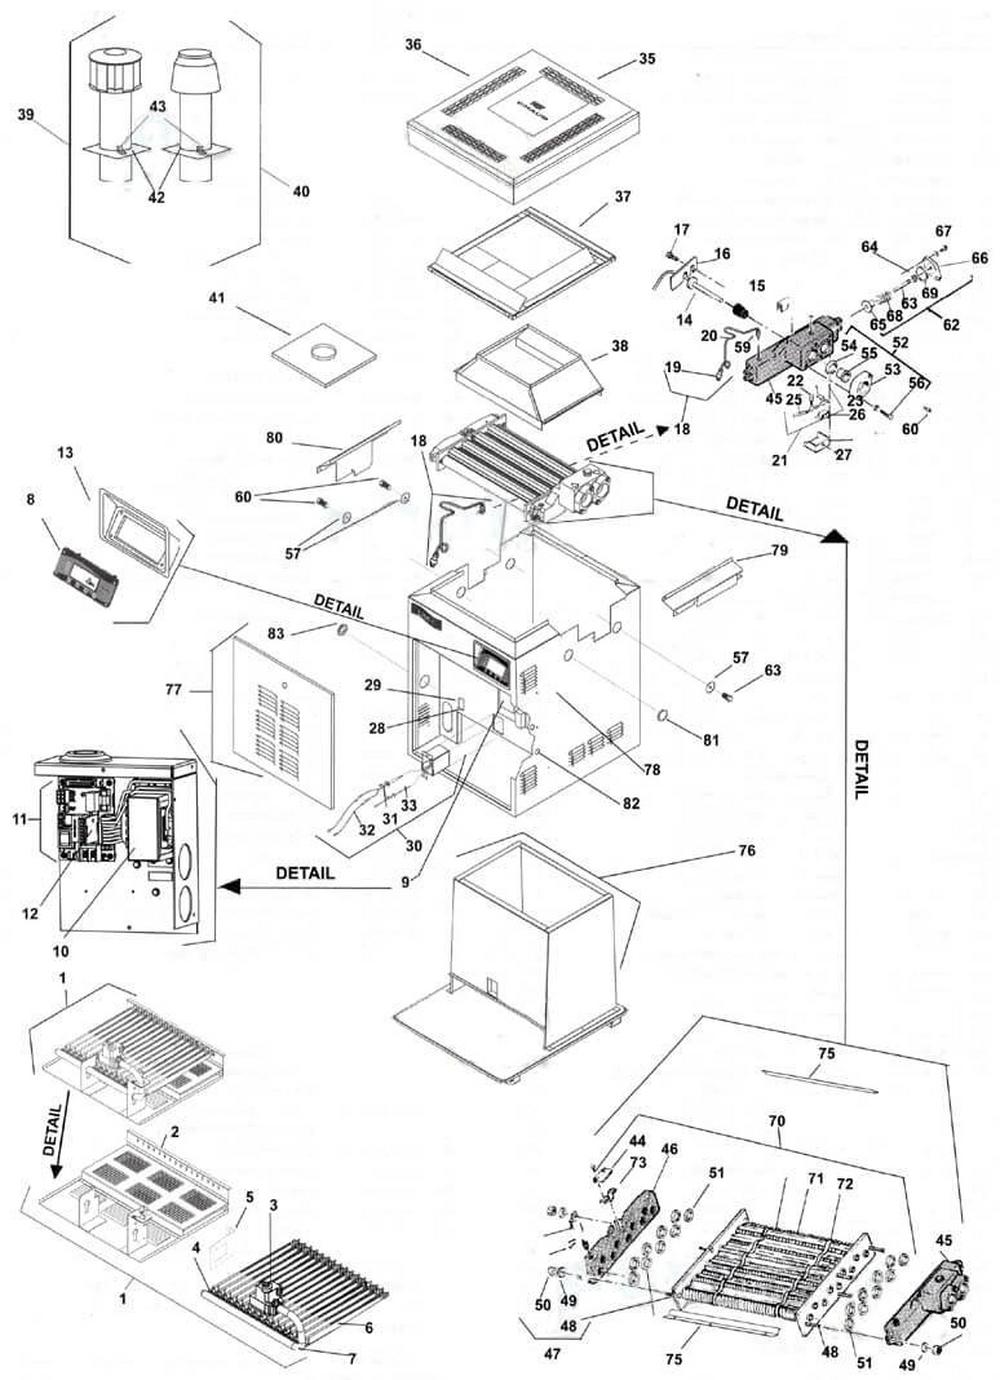 Laars Lite2 LJ Heaters 2003-Present - Pg 1 image